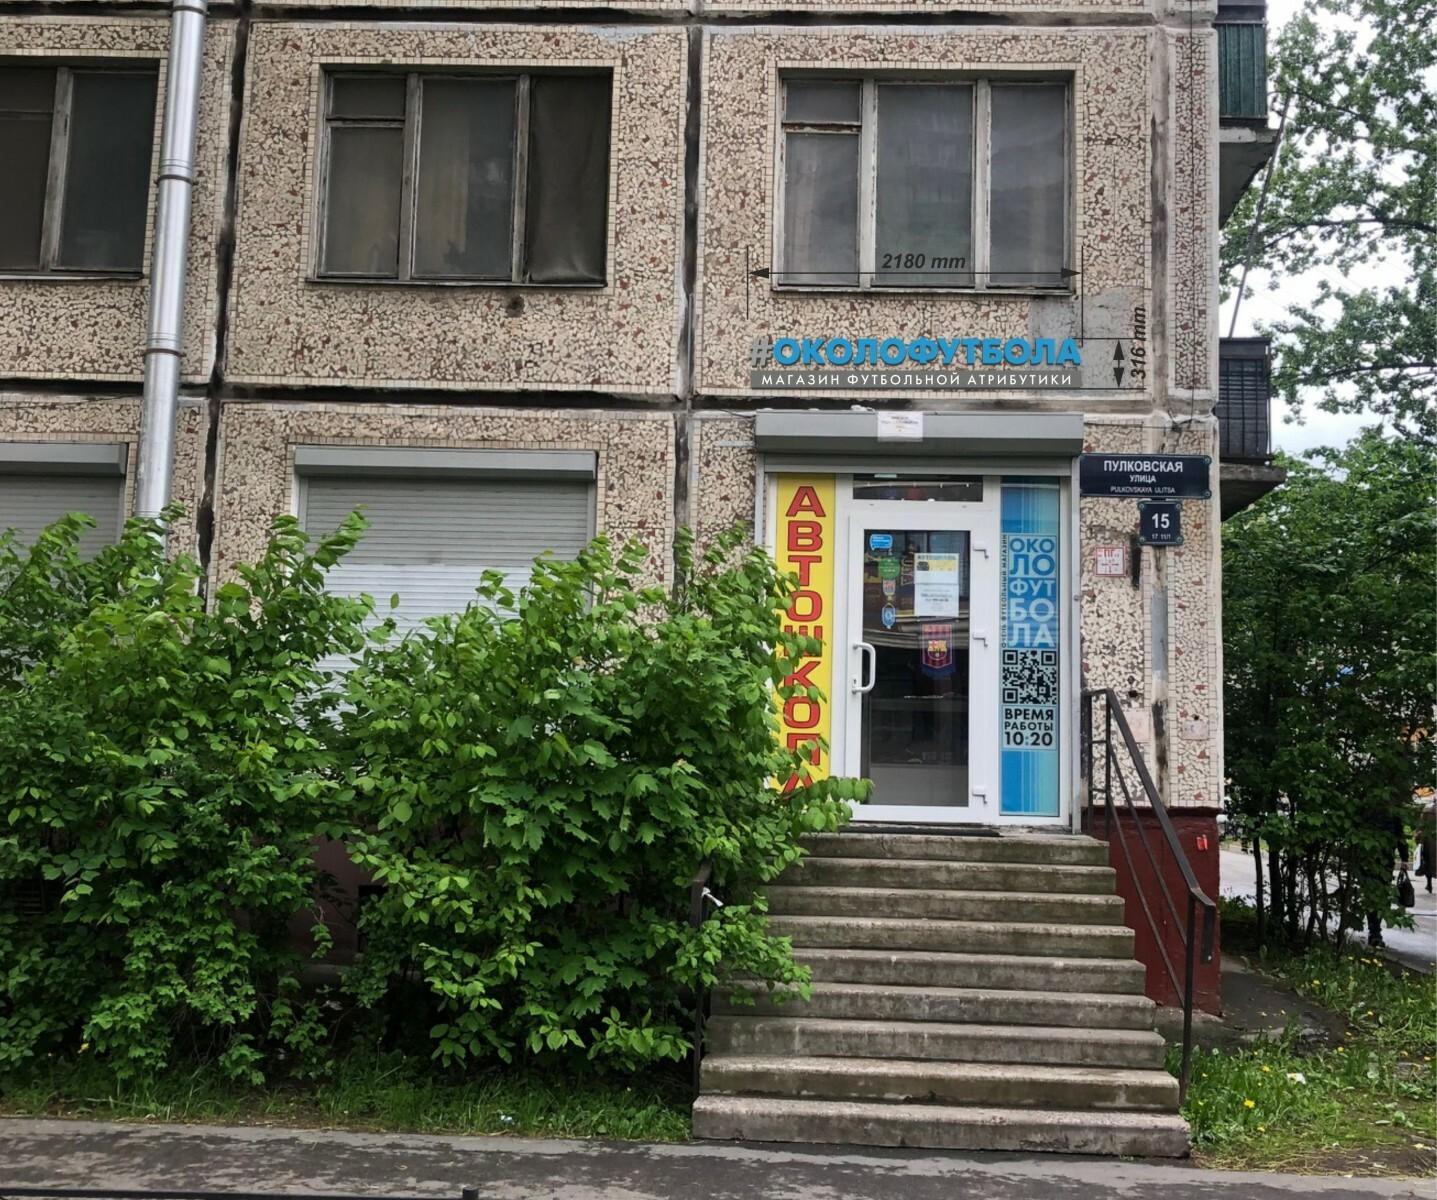 Магазин для настоящих болельщиков обрел вывеску и открылся на Пулковской улице.